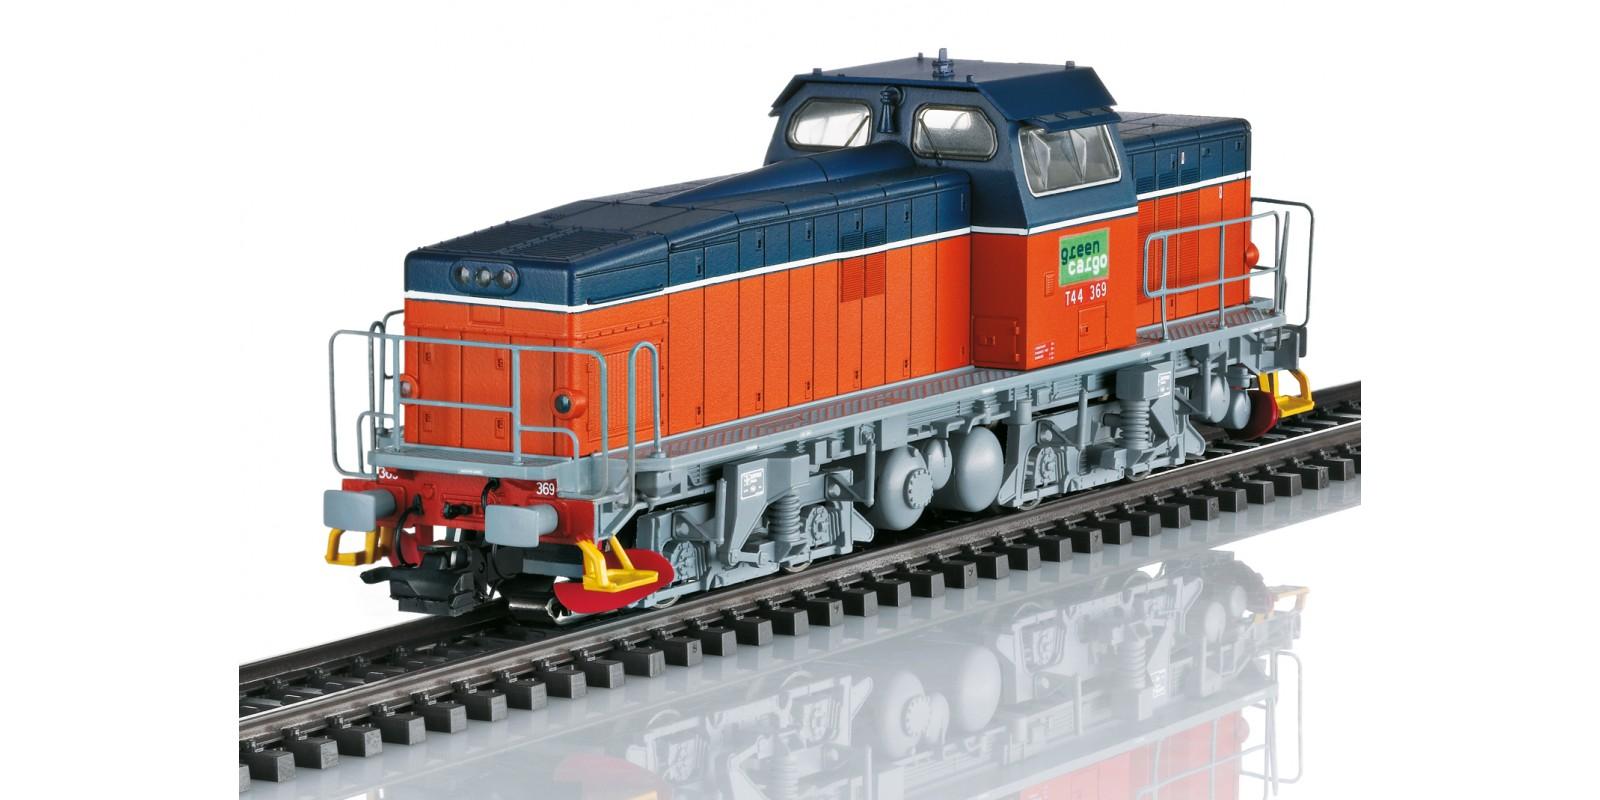 37945 Class T44 Heavy Diesel Locomotive